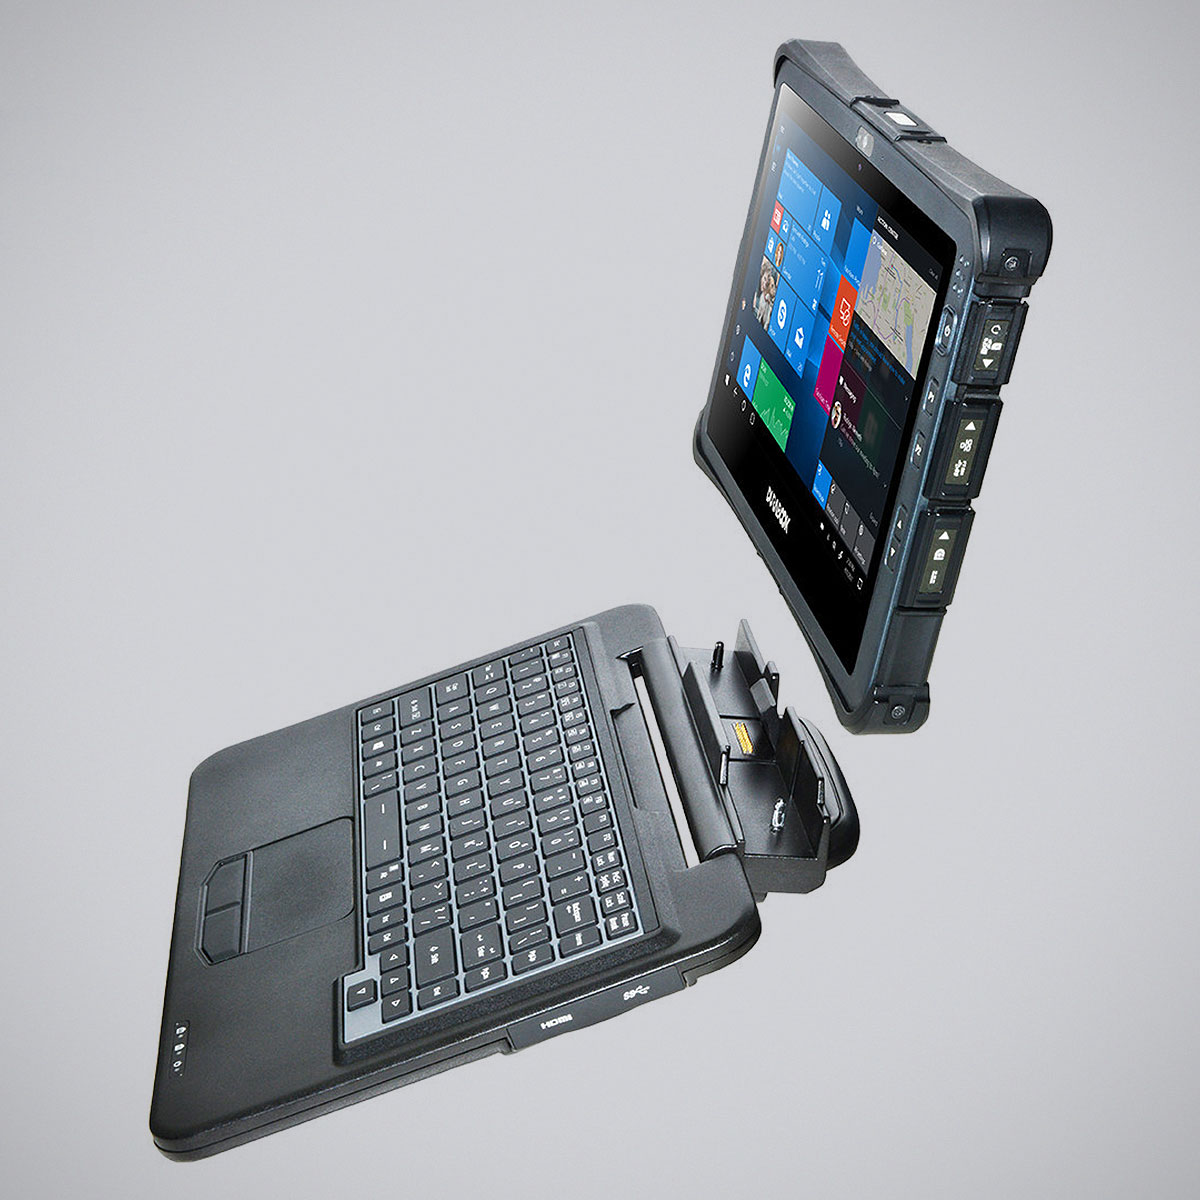 Durabook Americas U11 Fully Rugged 2-in-1 Tablet